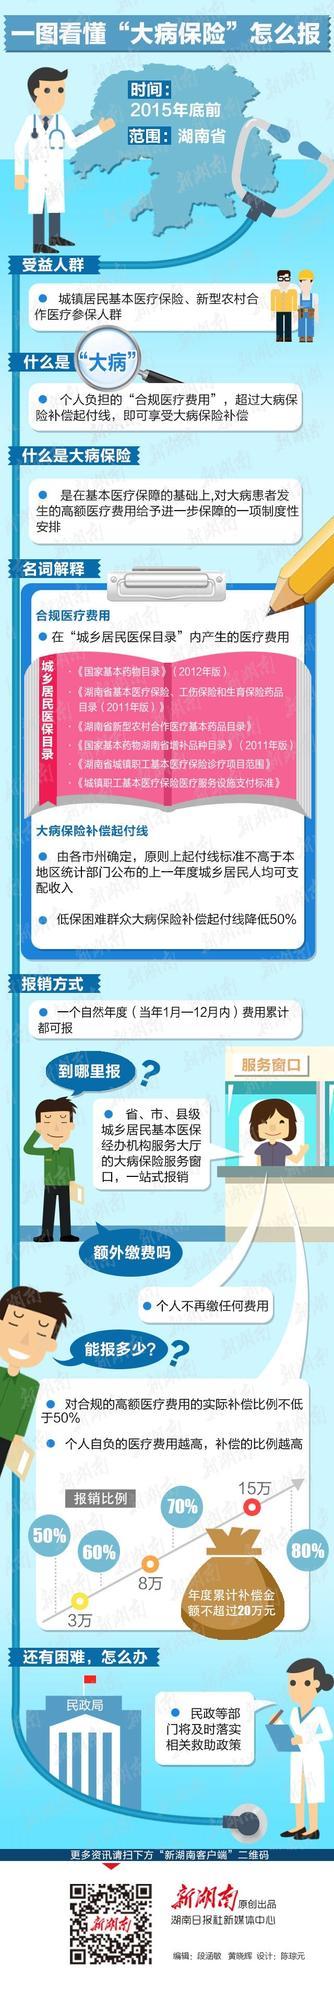 """湖南""""大病保险""""出台 年内覆盖全省"""